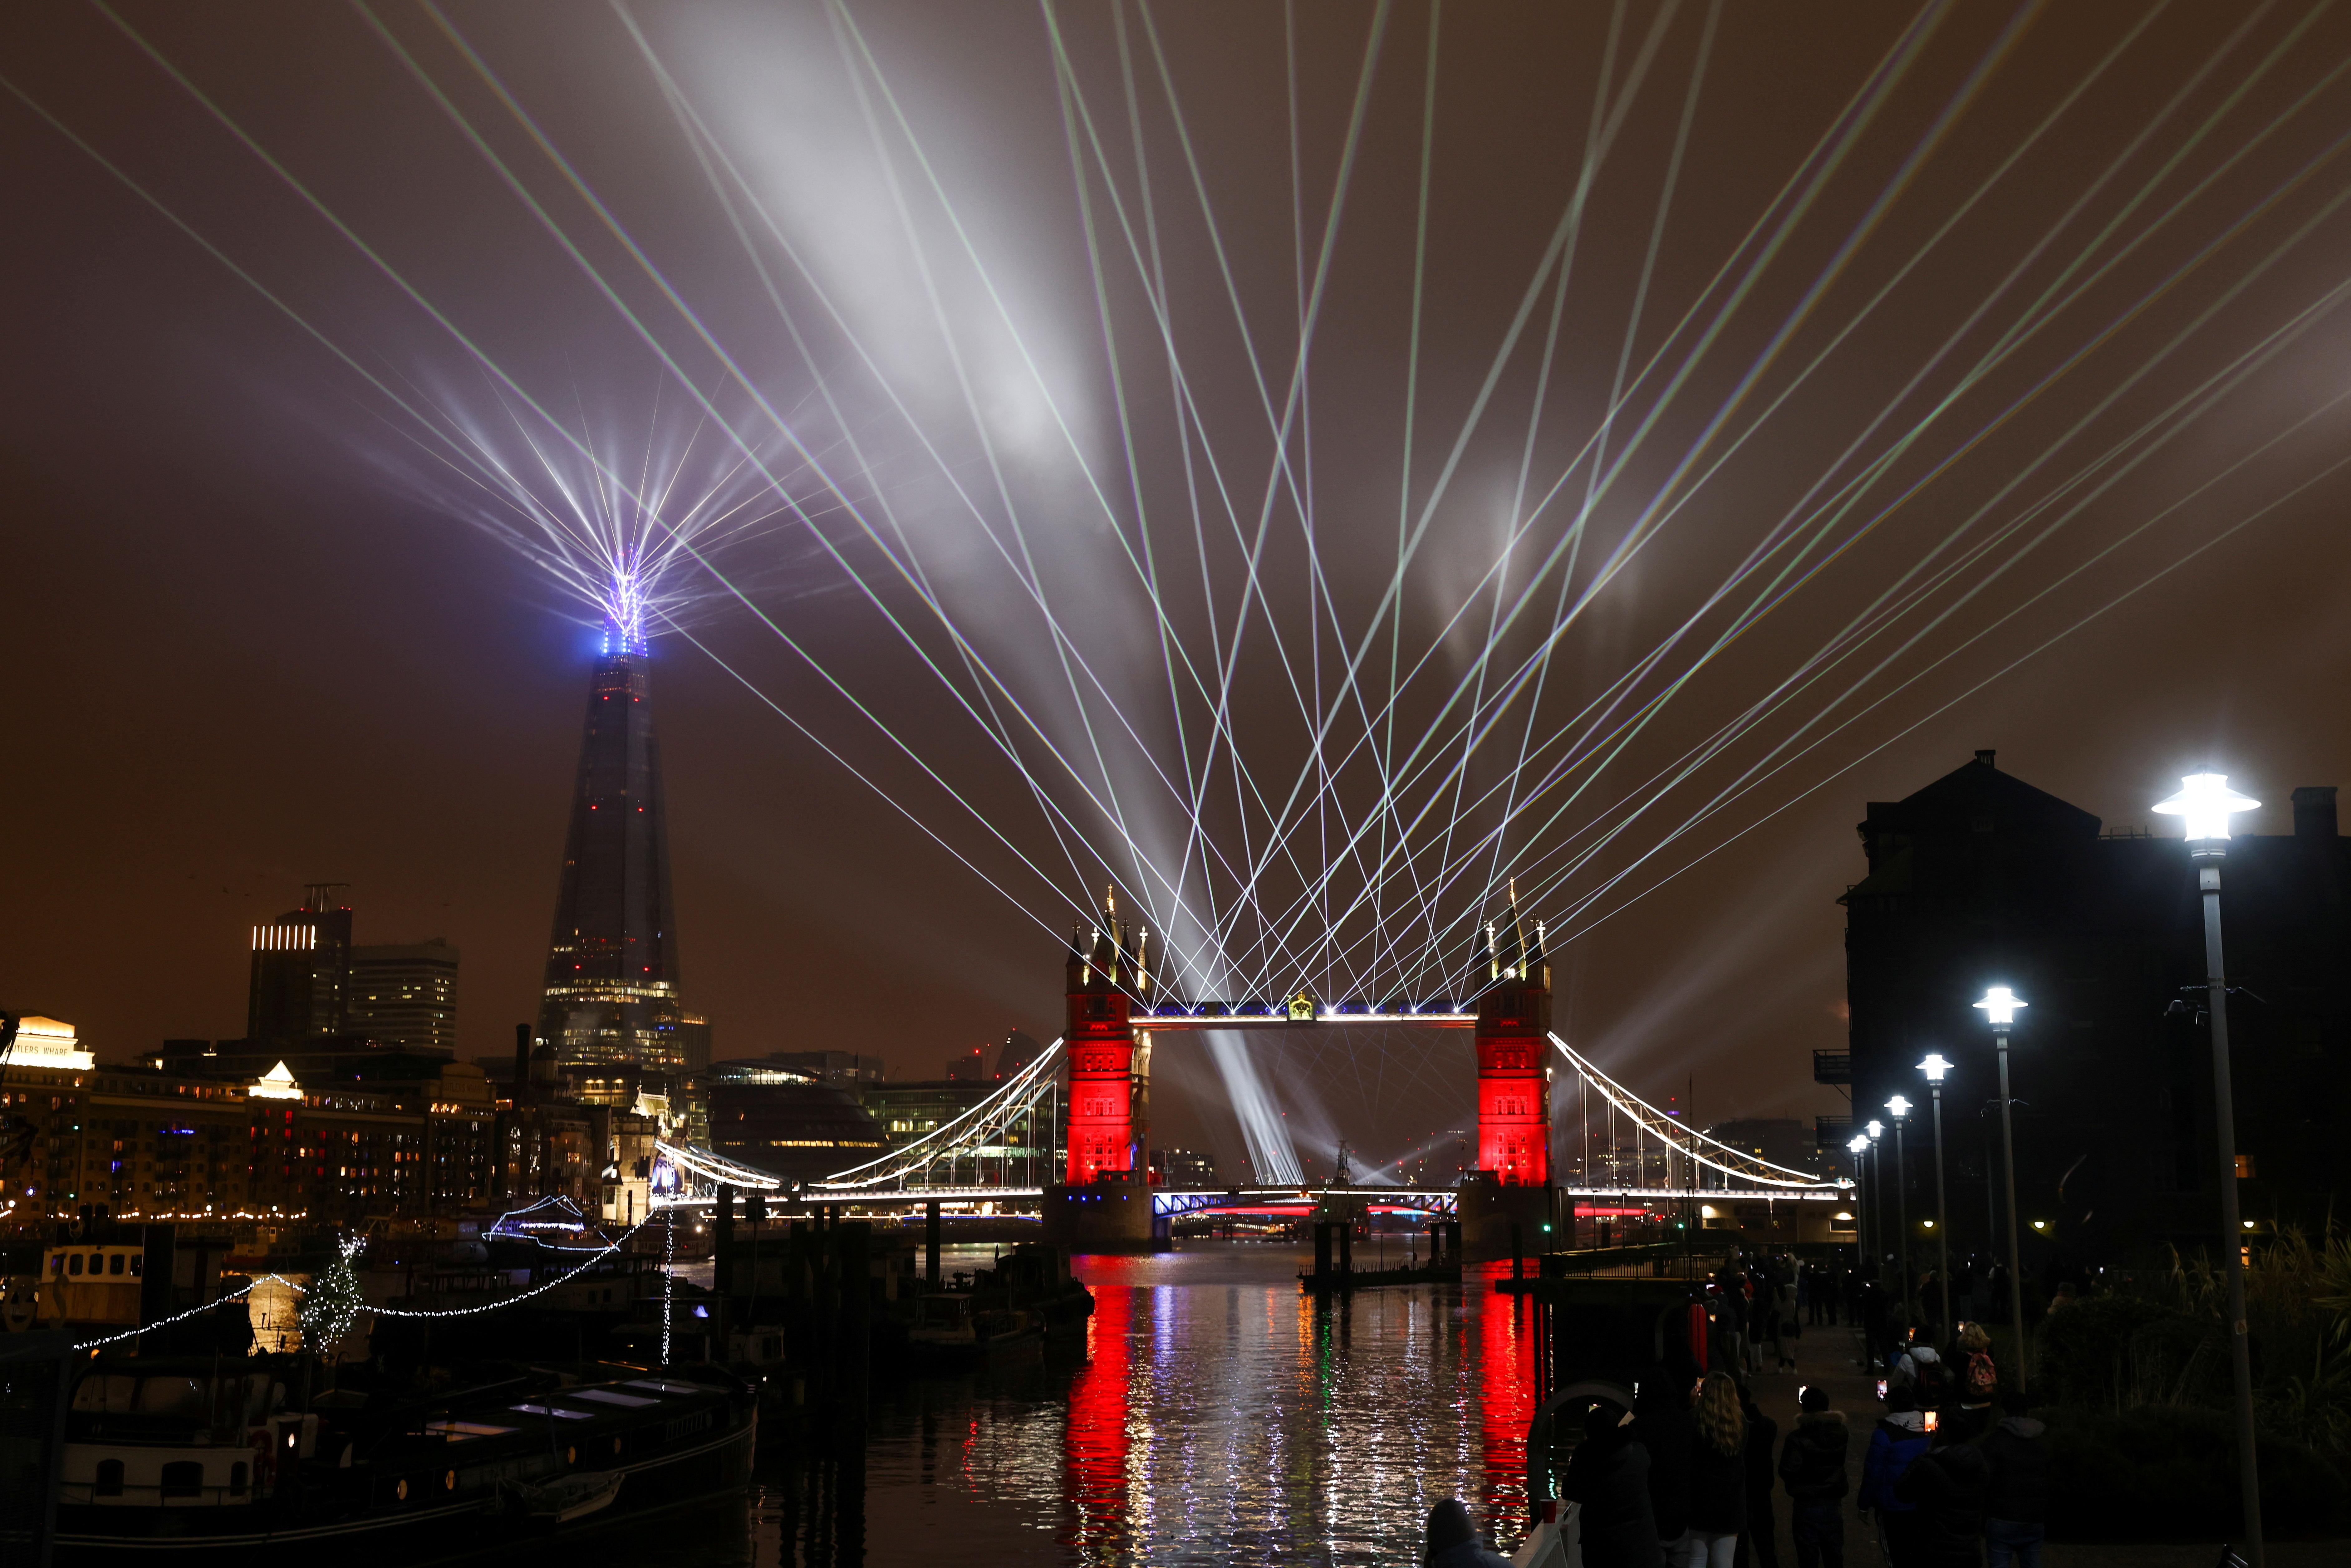 कोरोना के नए स्ट्रेन की मार झेल रहे ब्रिटेन के लंदन में टॉवर ब्रिज पर लाइट शो किया गया।